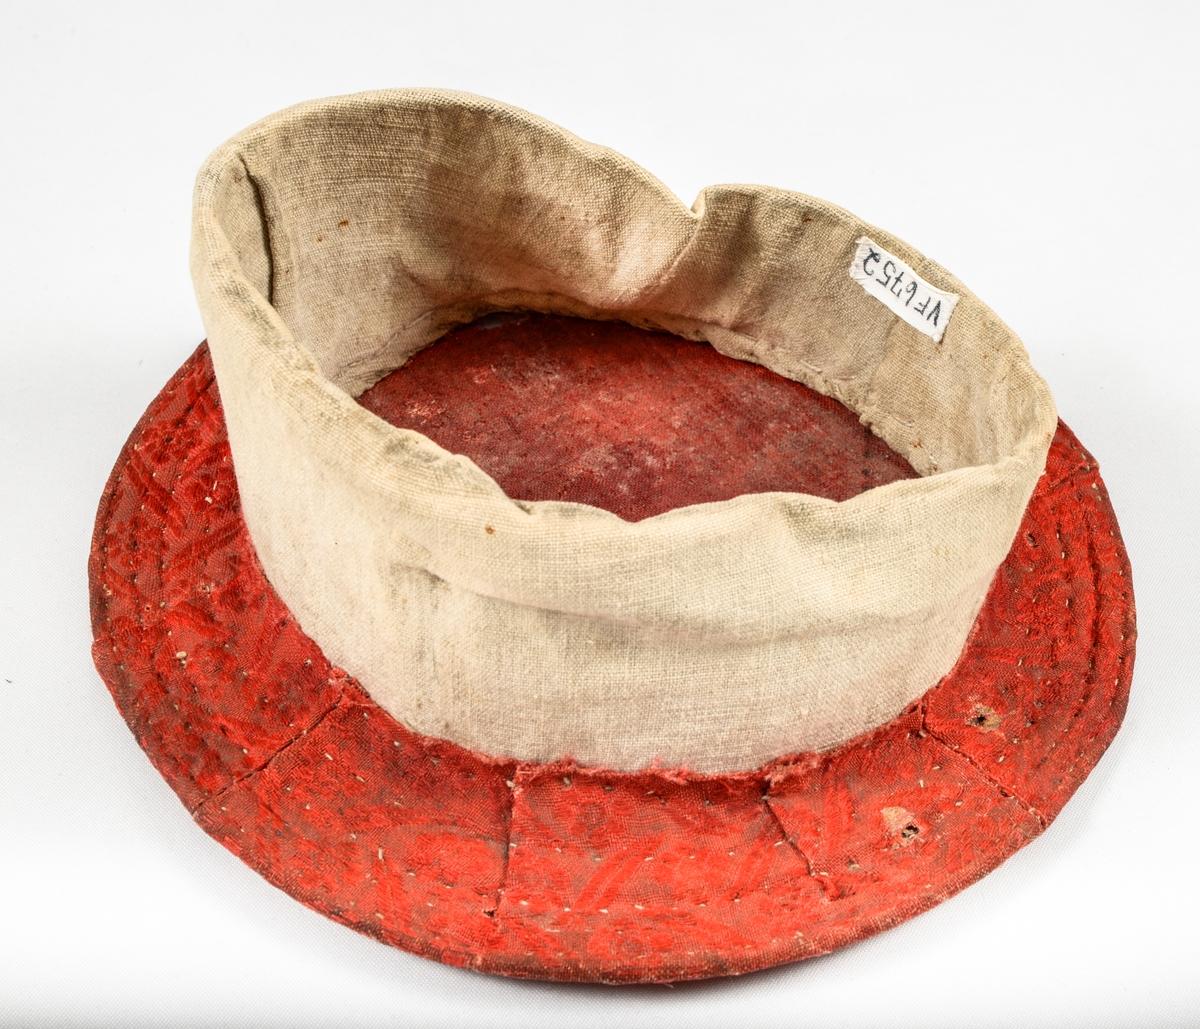 Rull (valk), raudt ulldamask i den runde nakkeskiva og lin i trøsken.